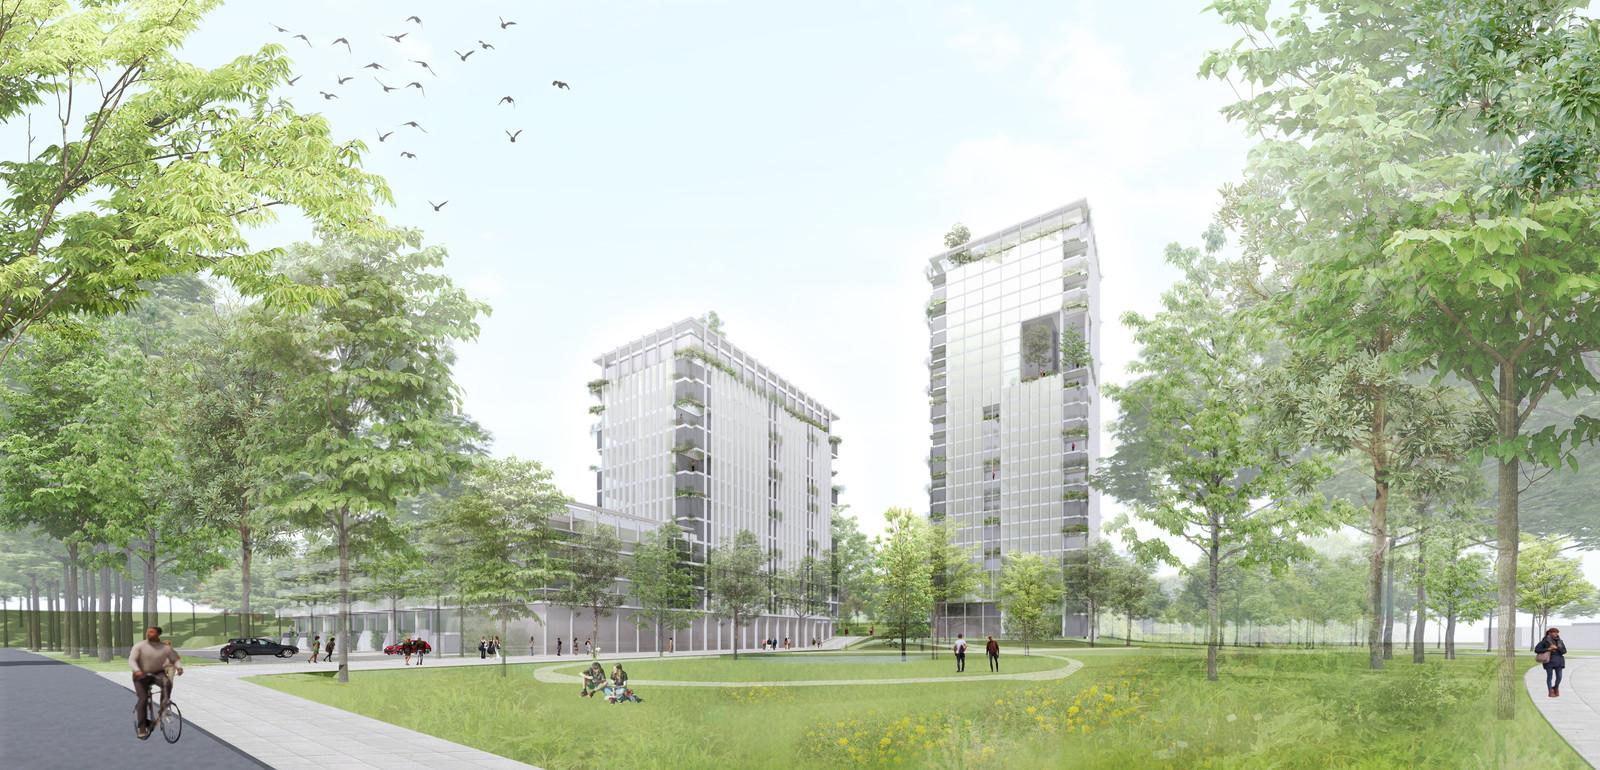 Impressie van nieuwbouw op de locatie van het voormalige kantoorpand van ABN Amro aan de Heerbaan in Breda.